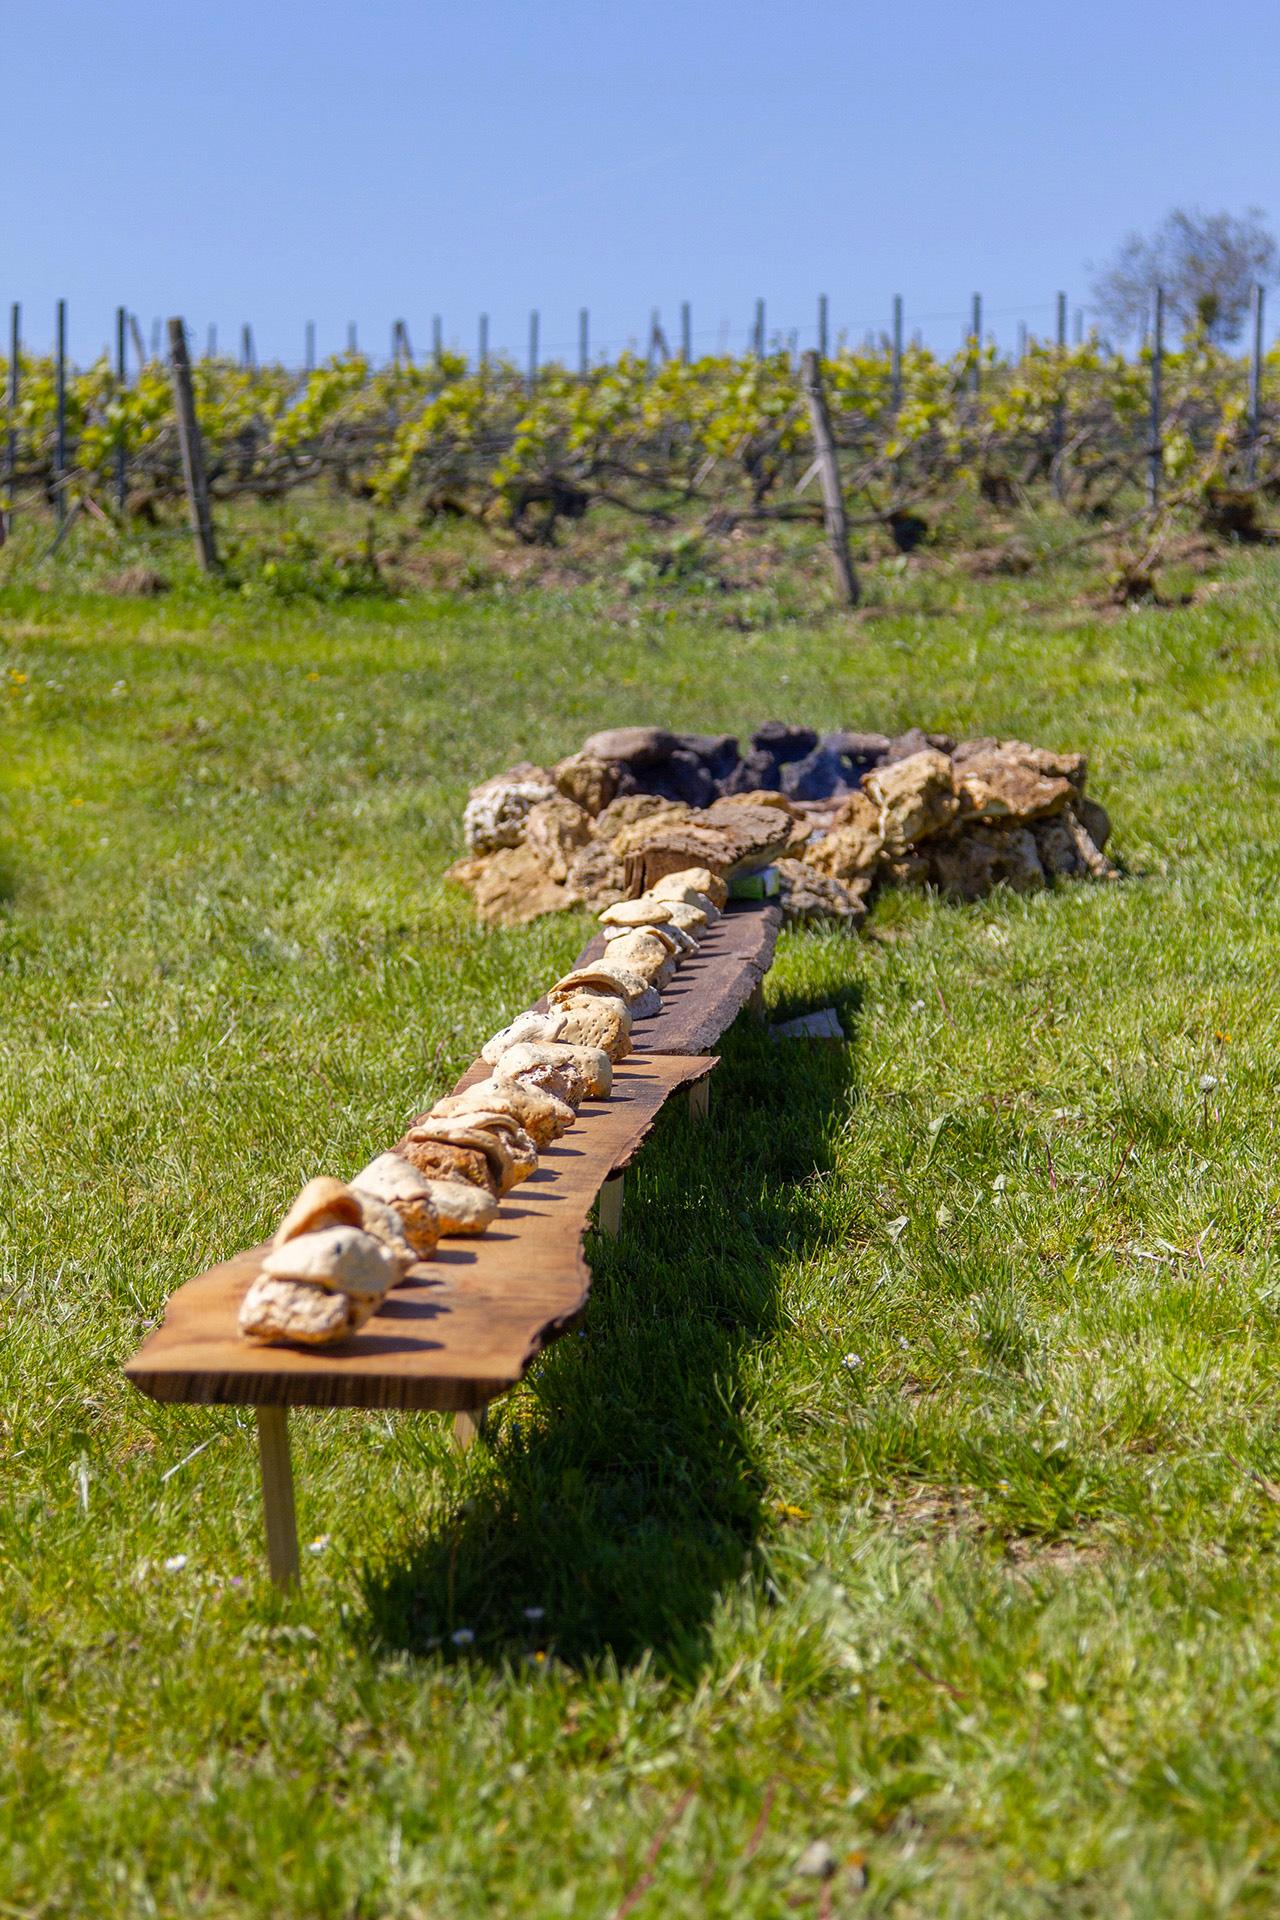 aire_food_banquet_scientifique_terres_commun_bread_cooking_outside